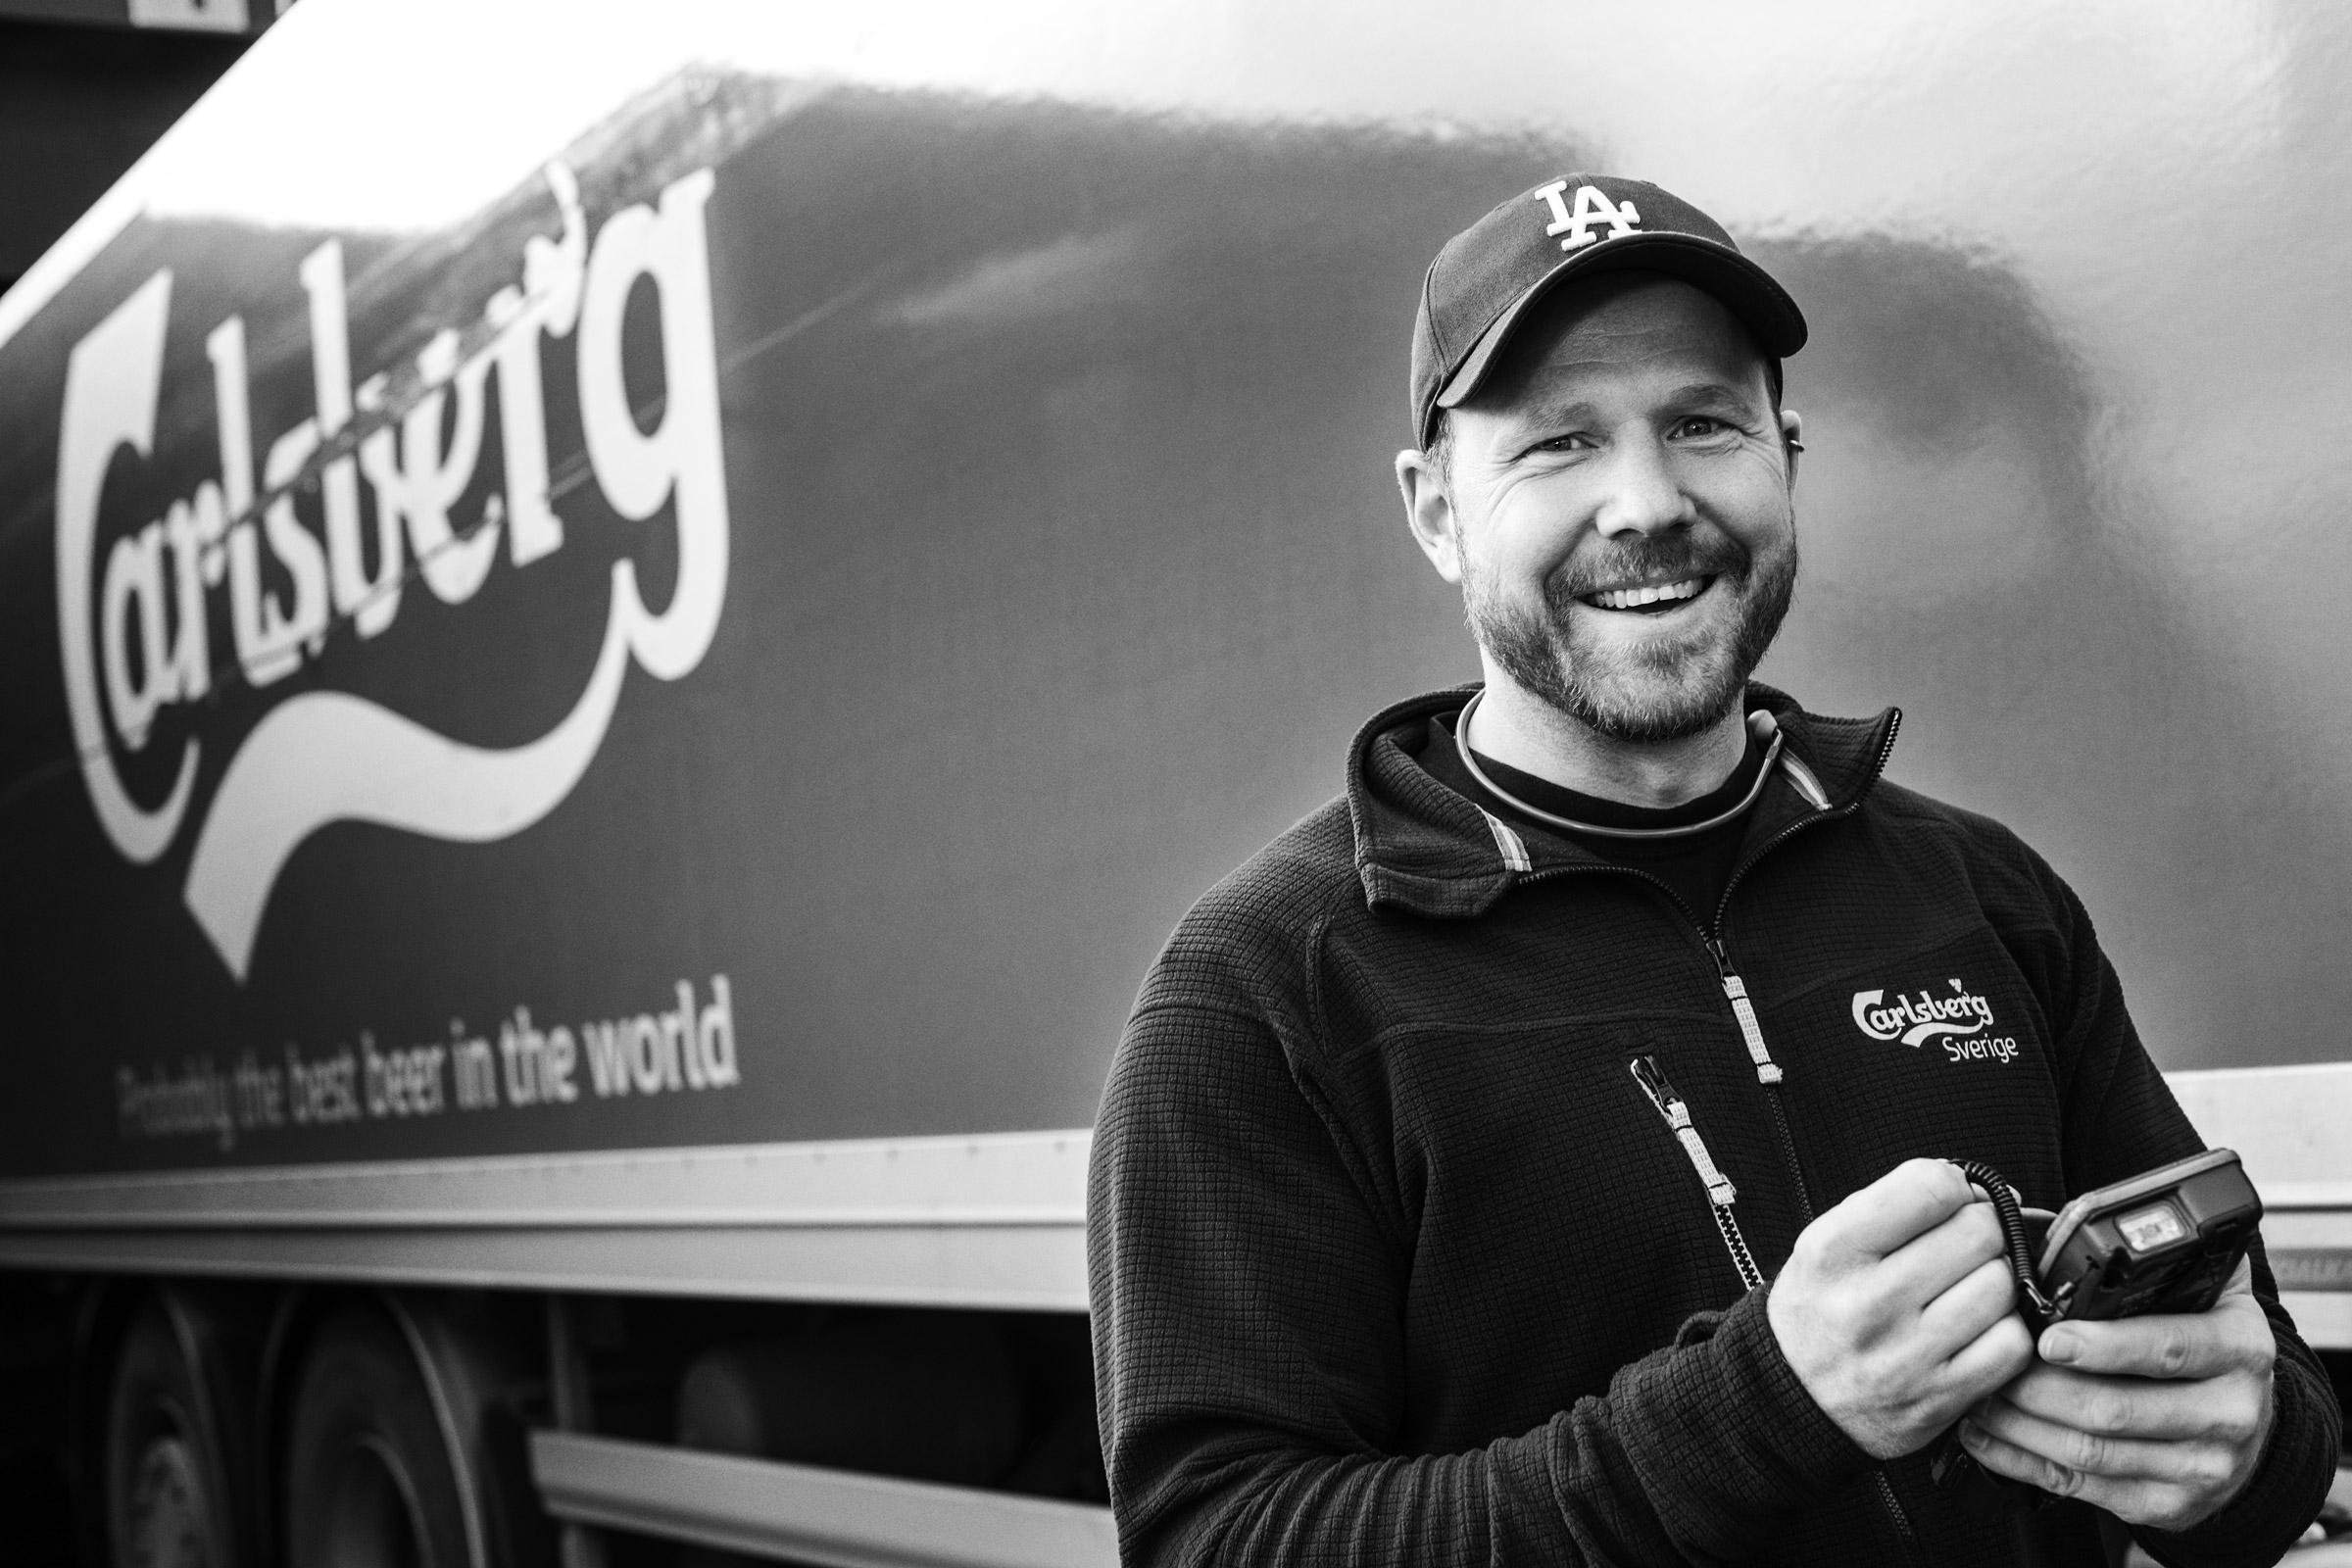 Medarbetare porträtt Carlsberg fotograferad i miljö